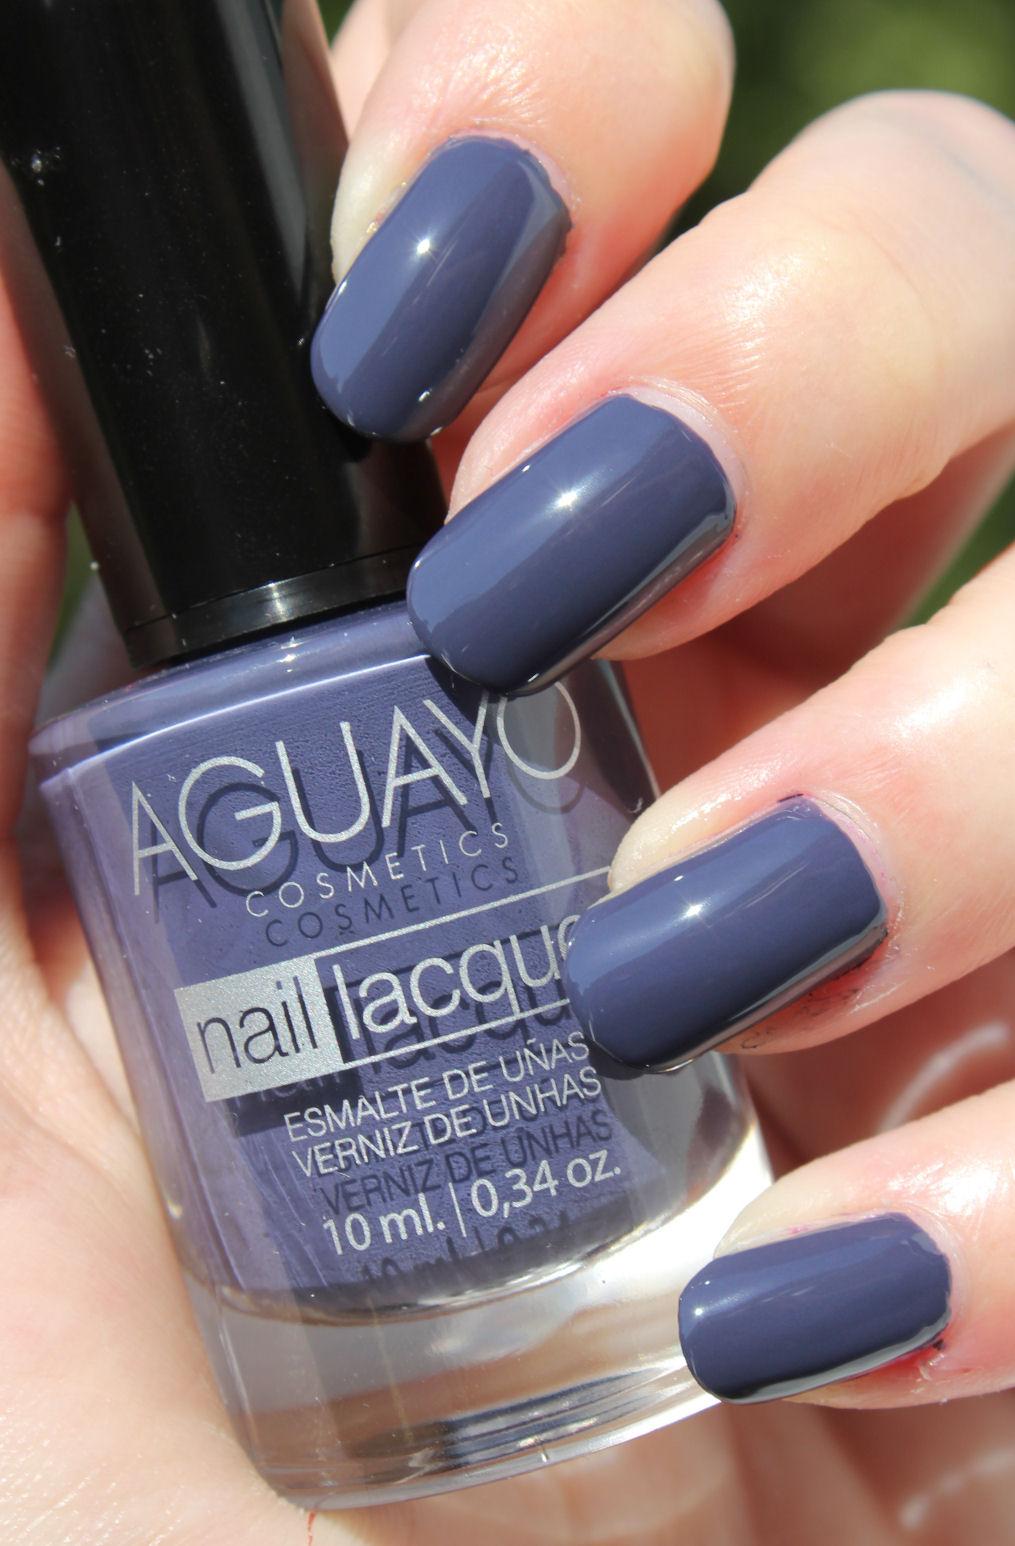 http://lacquediction.blogspot.de/2014/10/aguayo-nail-lacquer-280.html